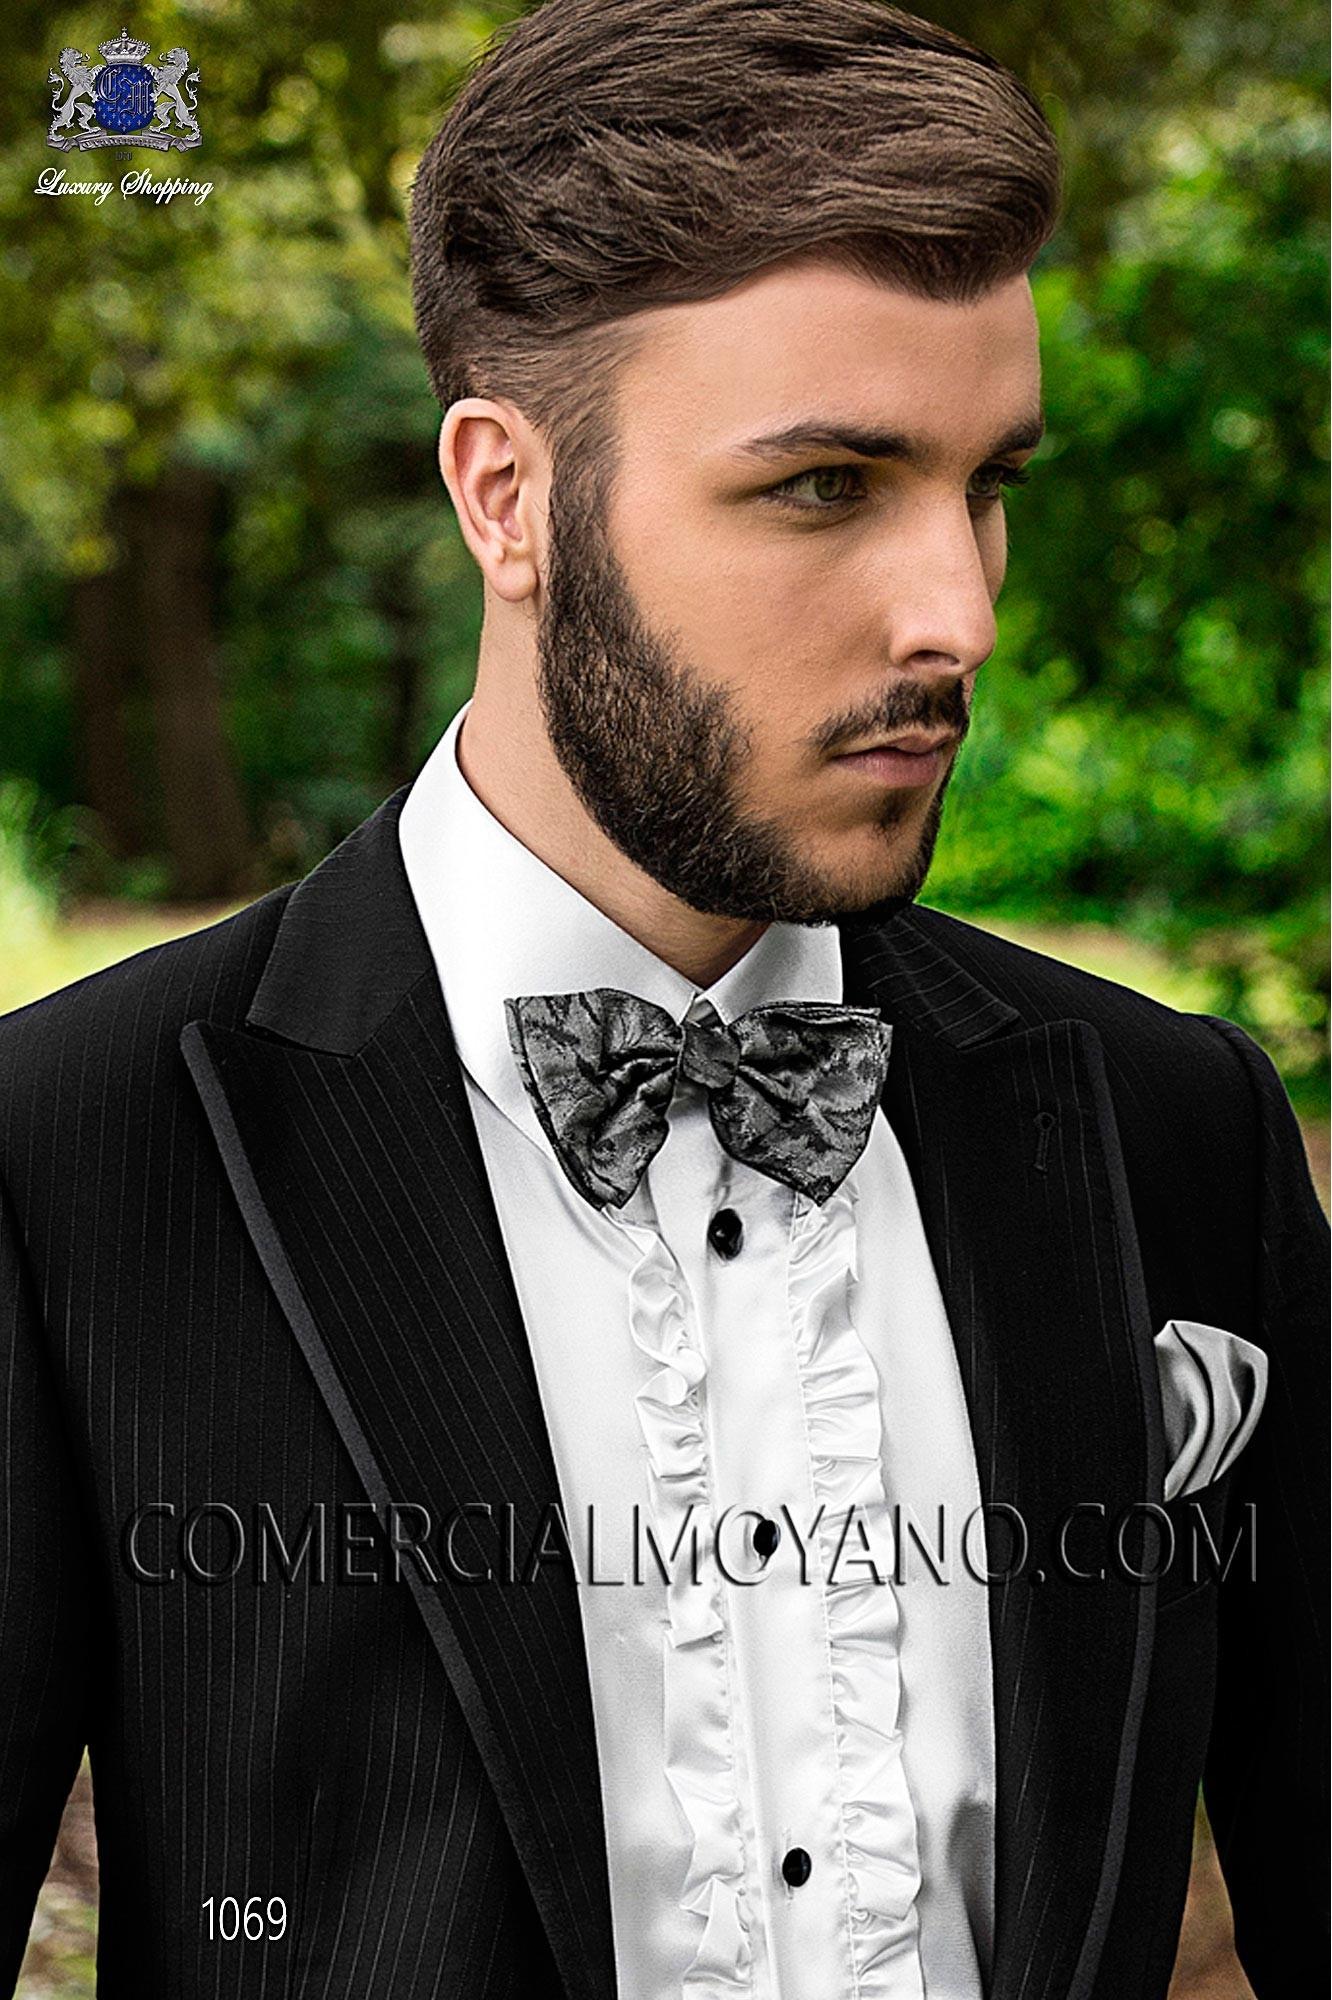 Traje Fashion de novio negro modelo: 1069 Ottavio Nuccio Gala colección Fashion 2017